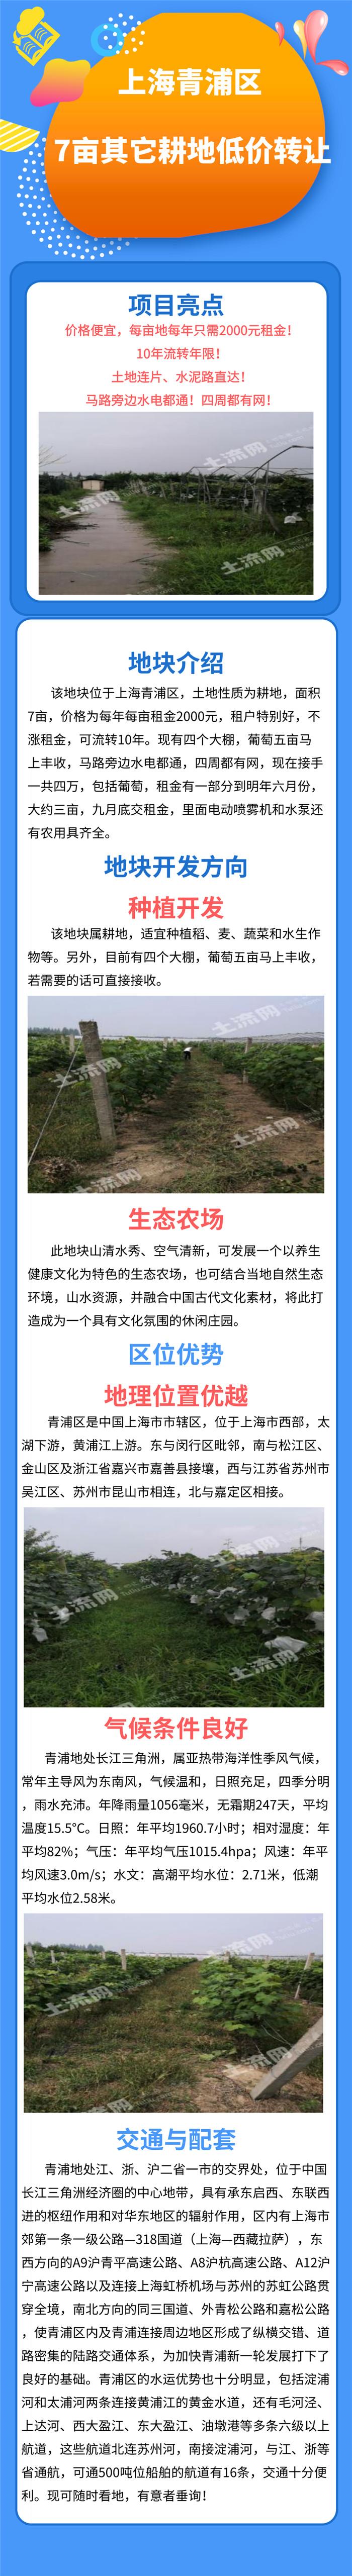 上海青浦区7亩其它耕地低价转让